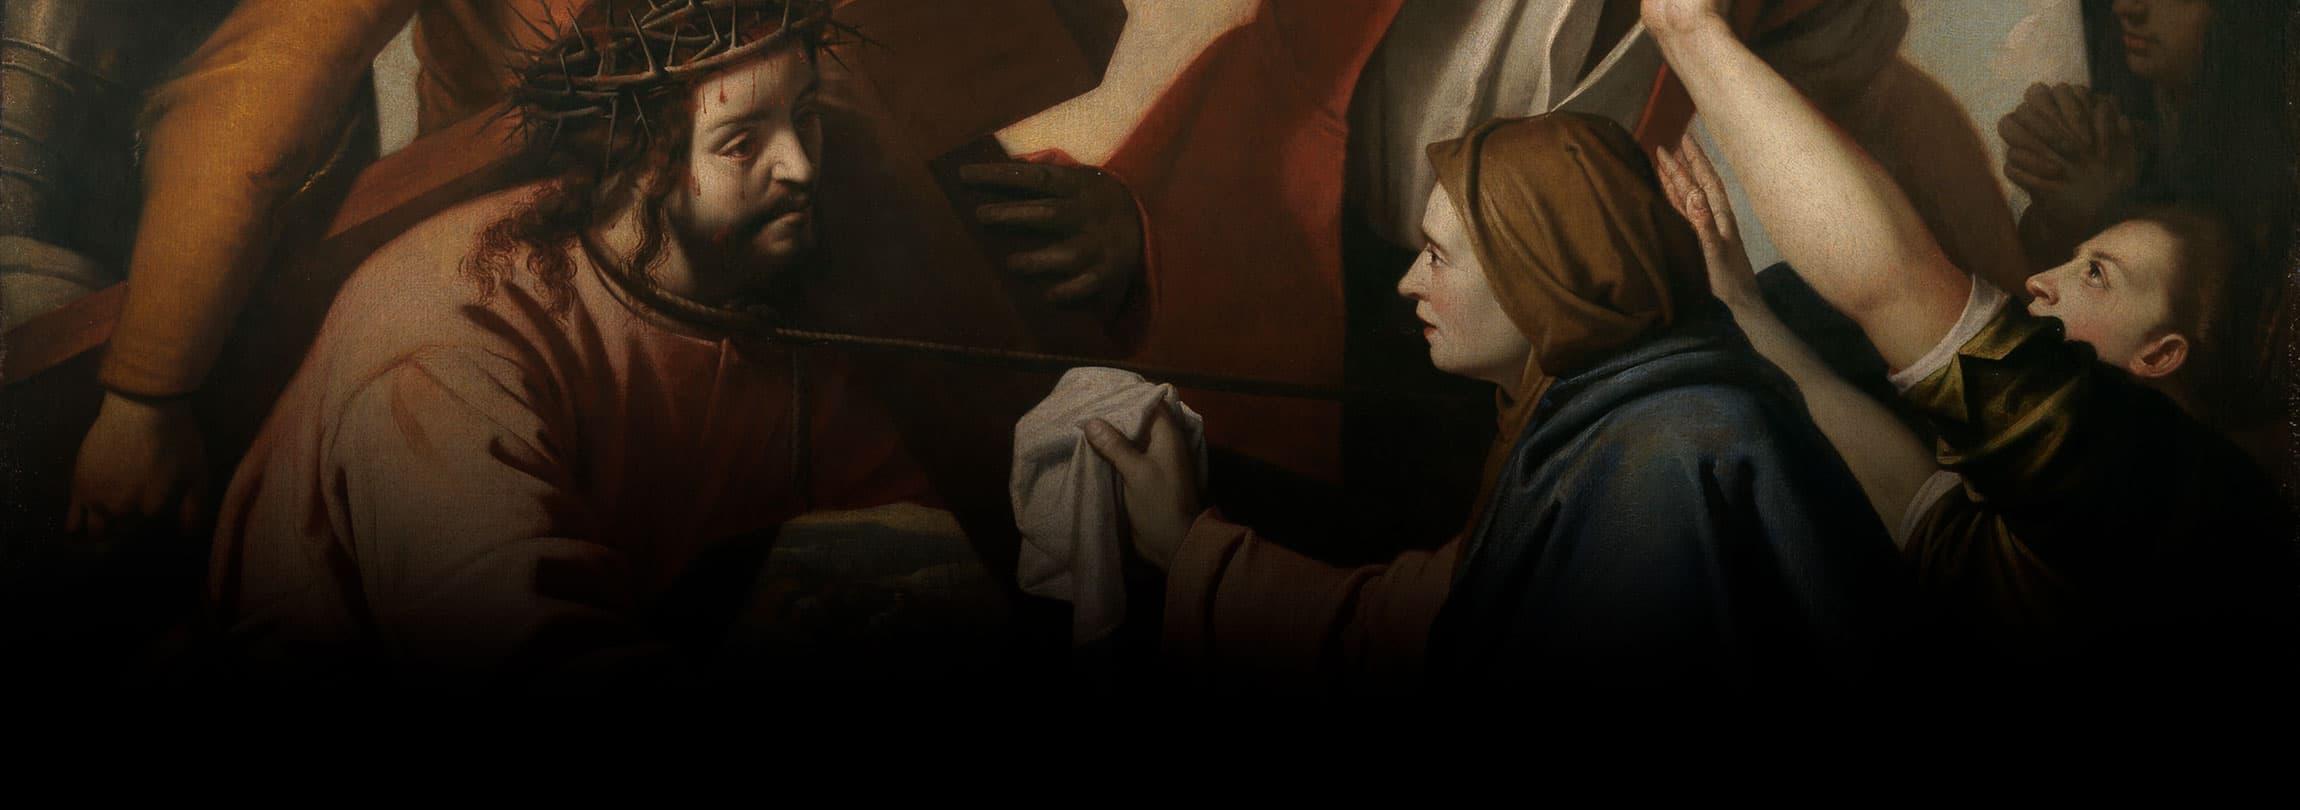 Jesus deseja ser consolado por você